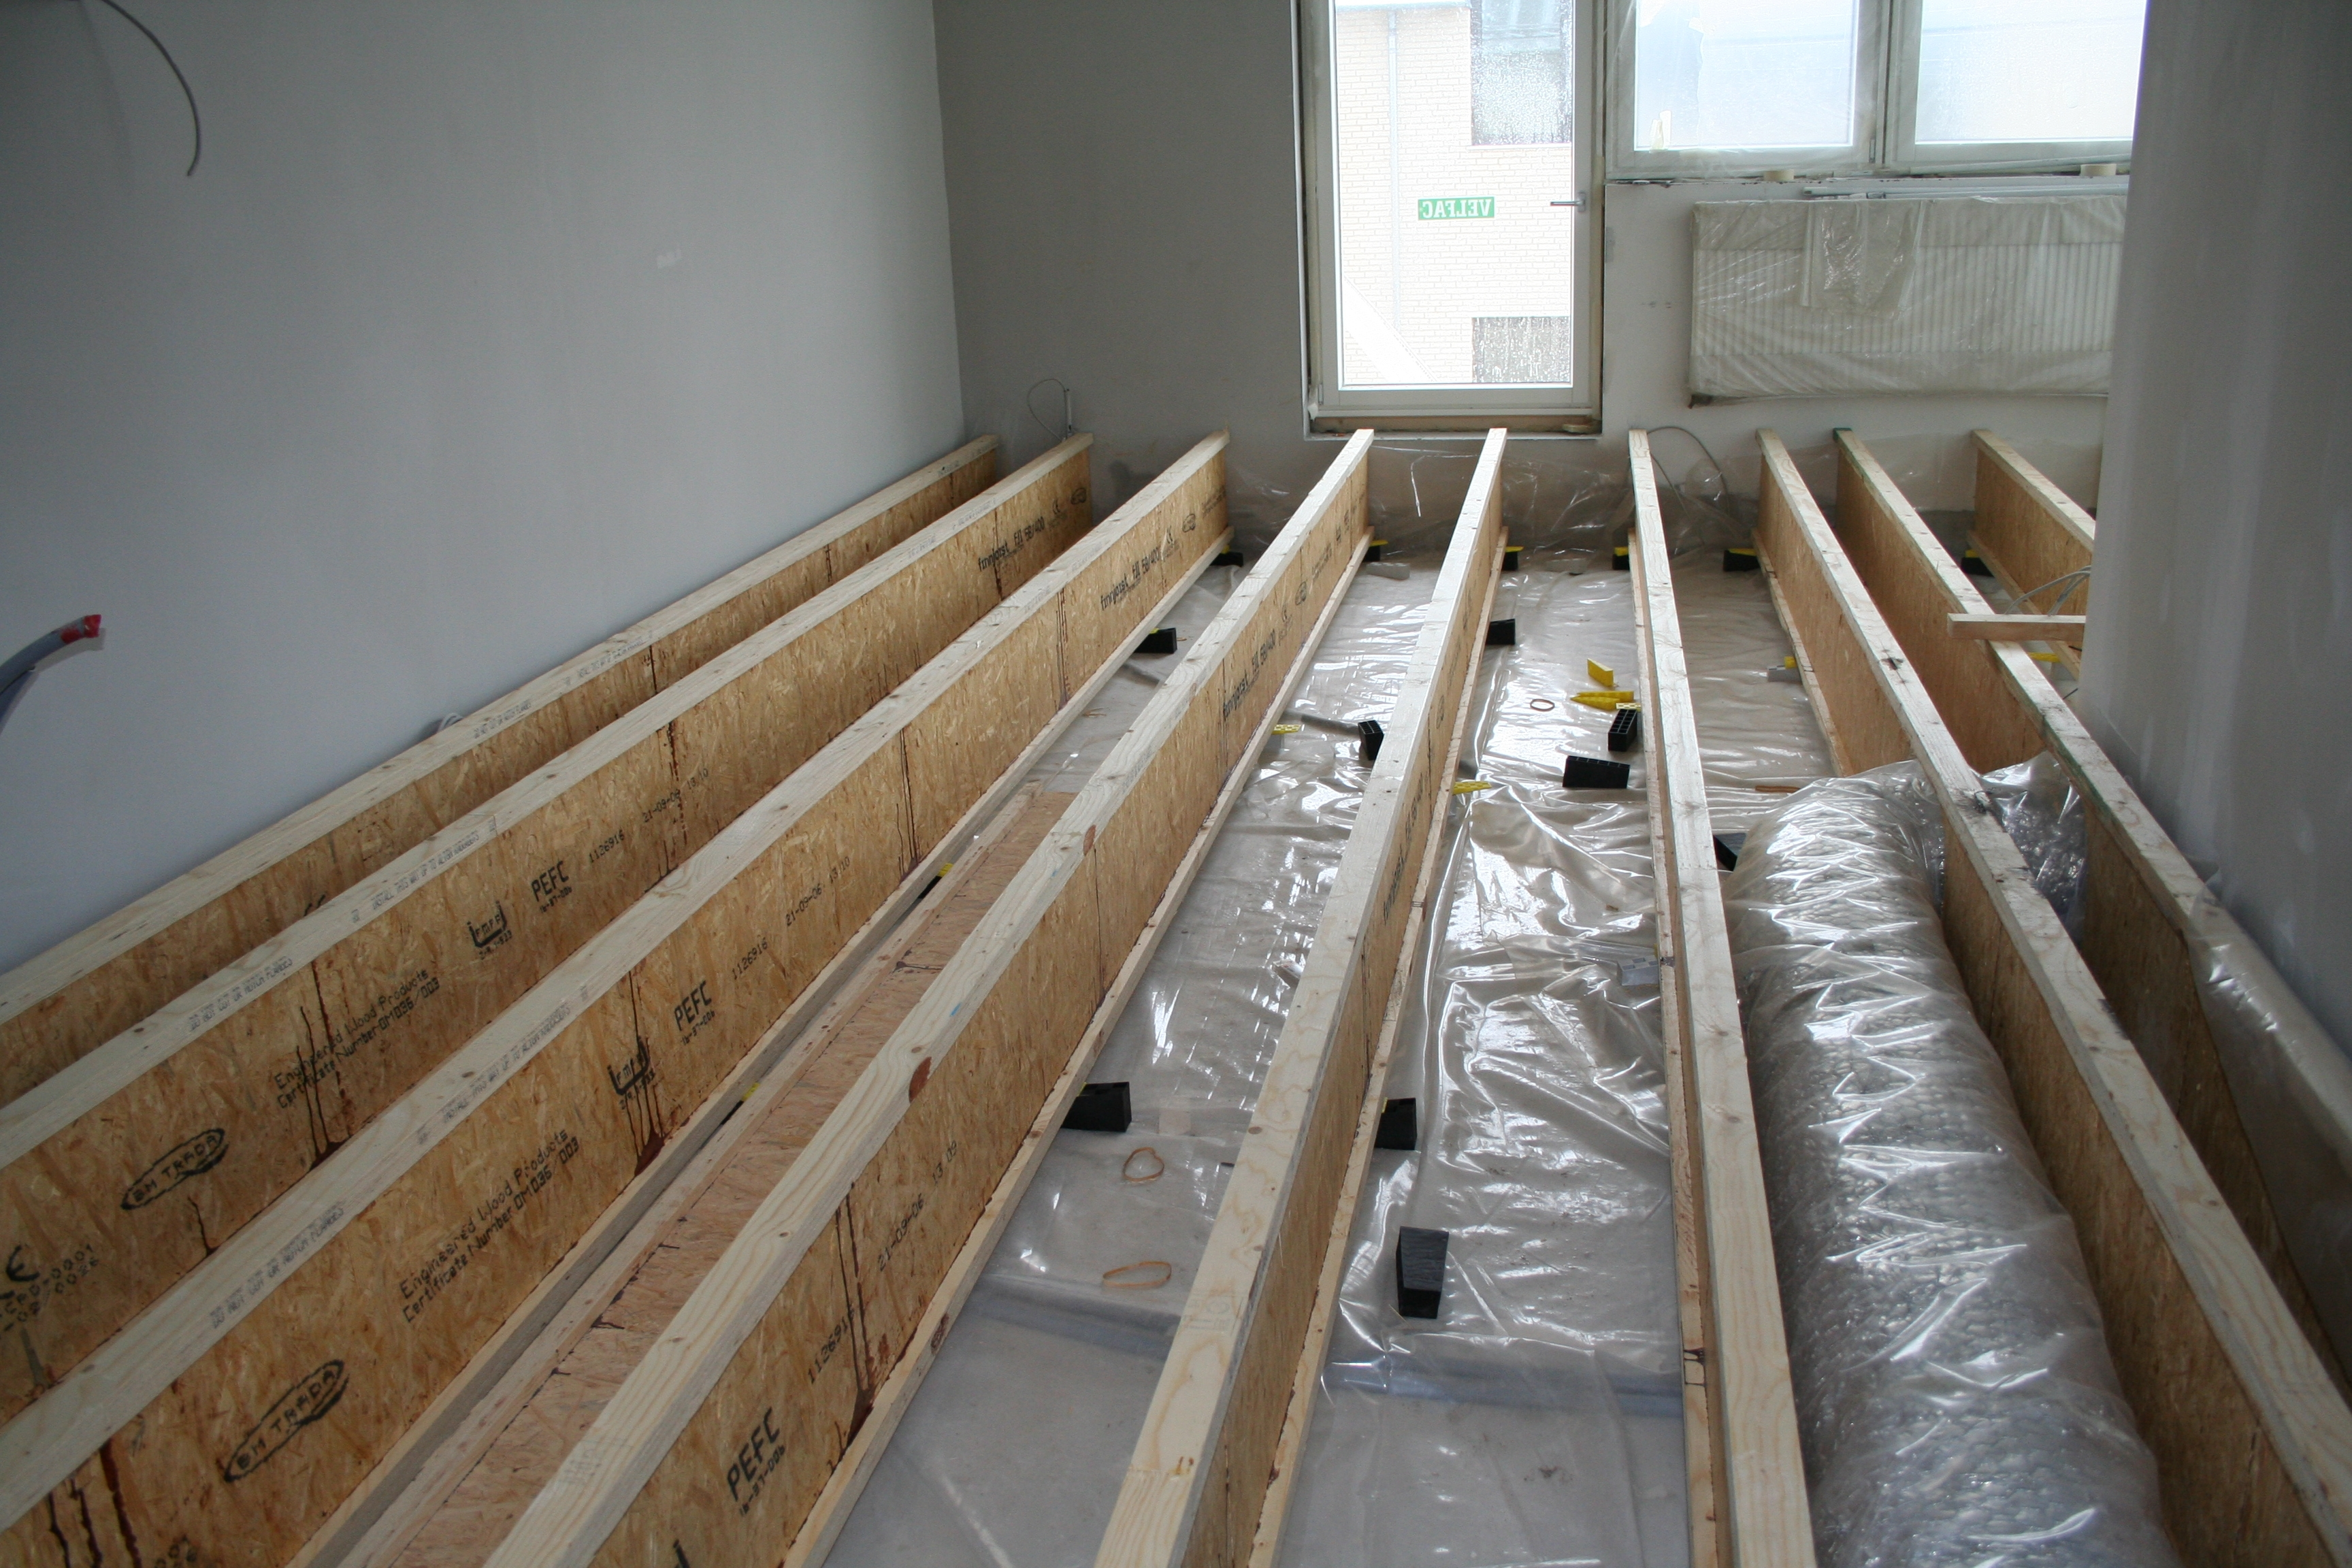 #634A31 Anbefalede Højt Opklodsede Gulve På Den Smarte Måde Wood Supply DK Gør Det Selv Slibning Af Gulv 6087 345623046087